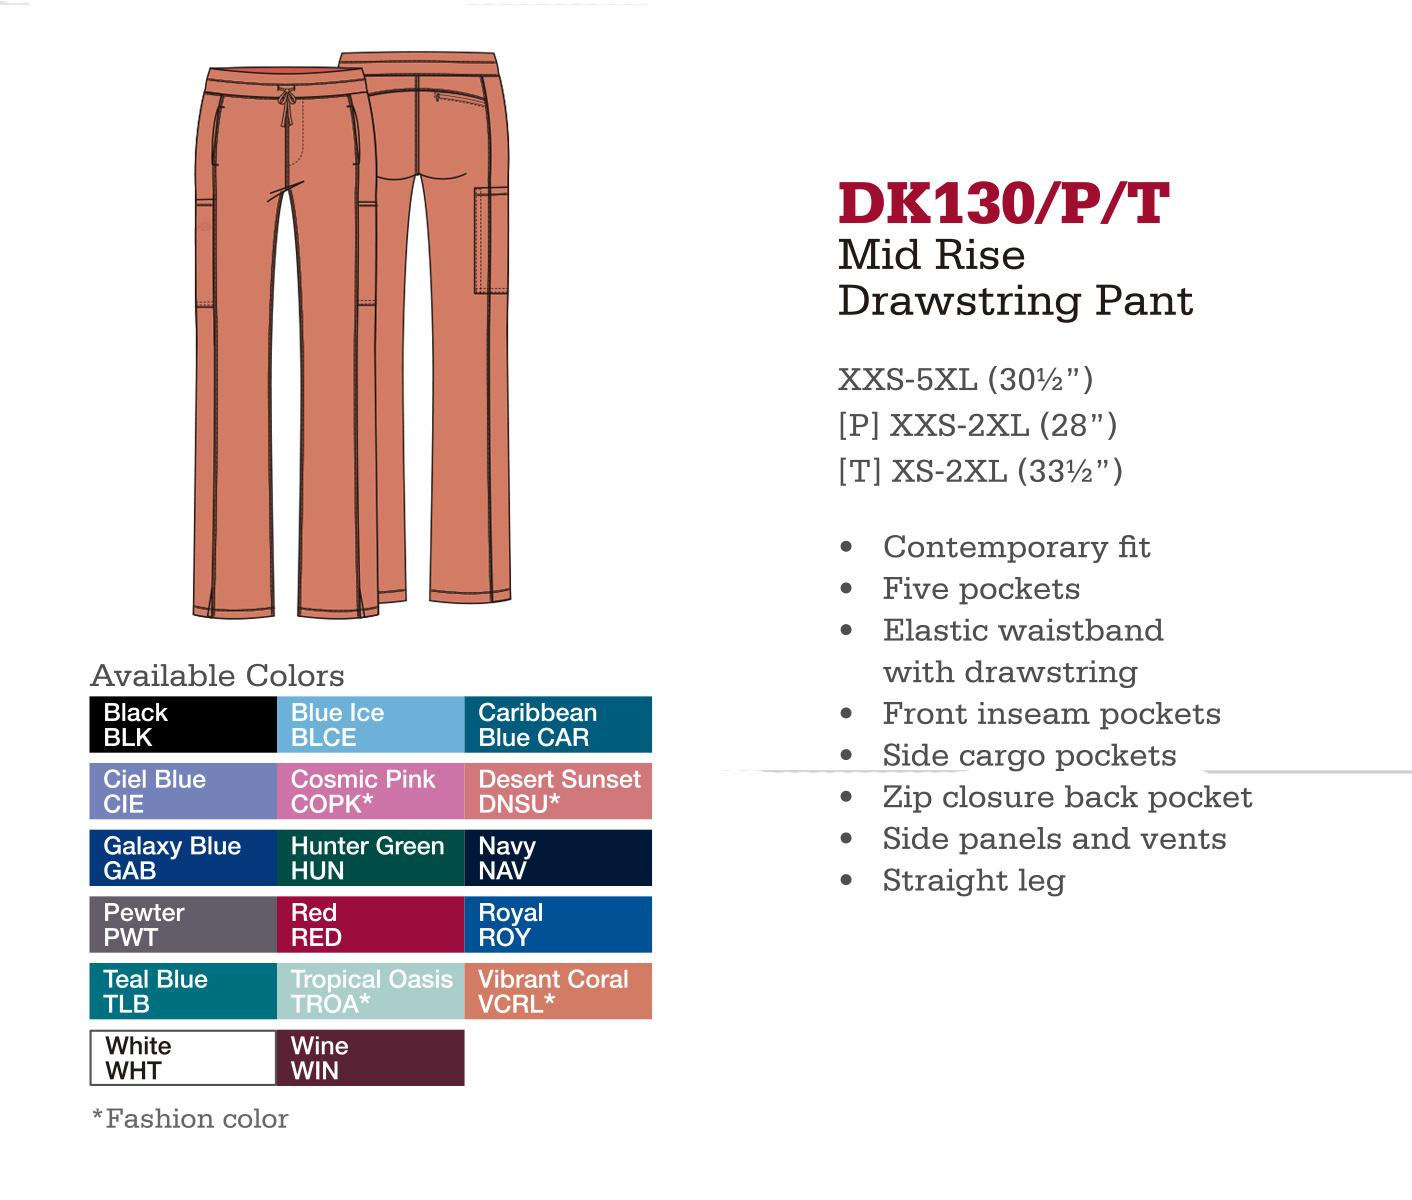 Pantalón con Cordones de Medio Levantado. DK130/P/T.